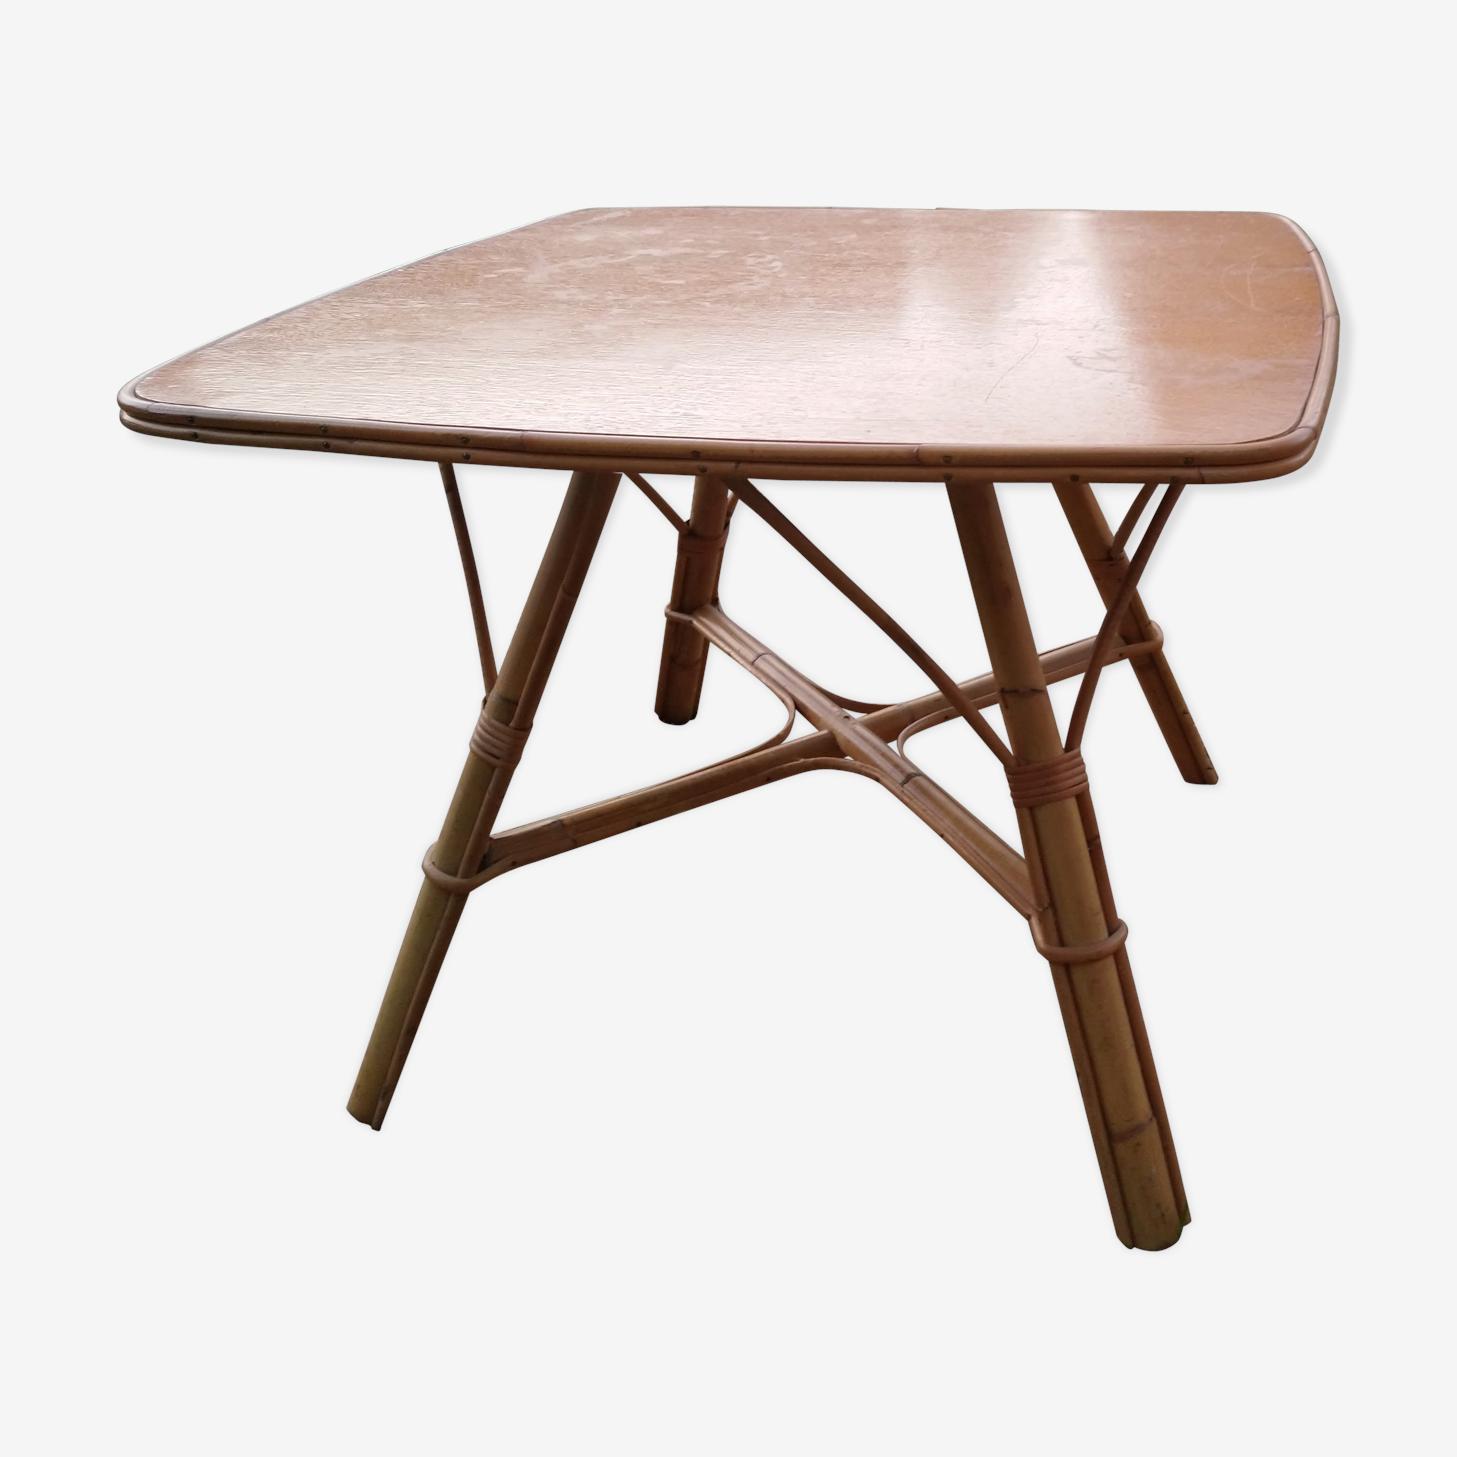 Table basse vintage en rotin 67x67